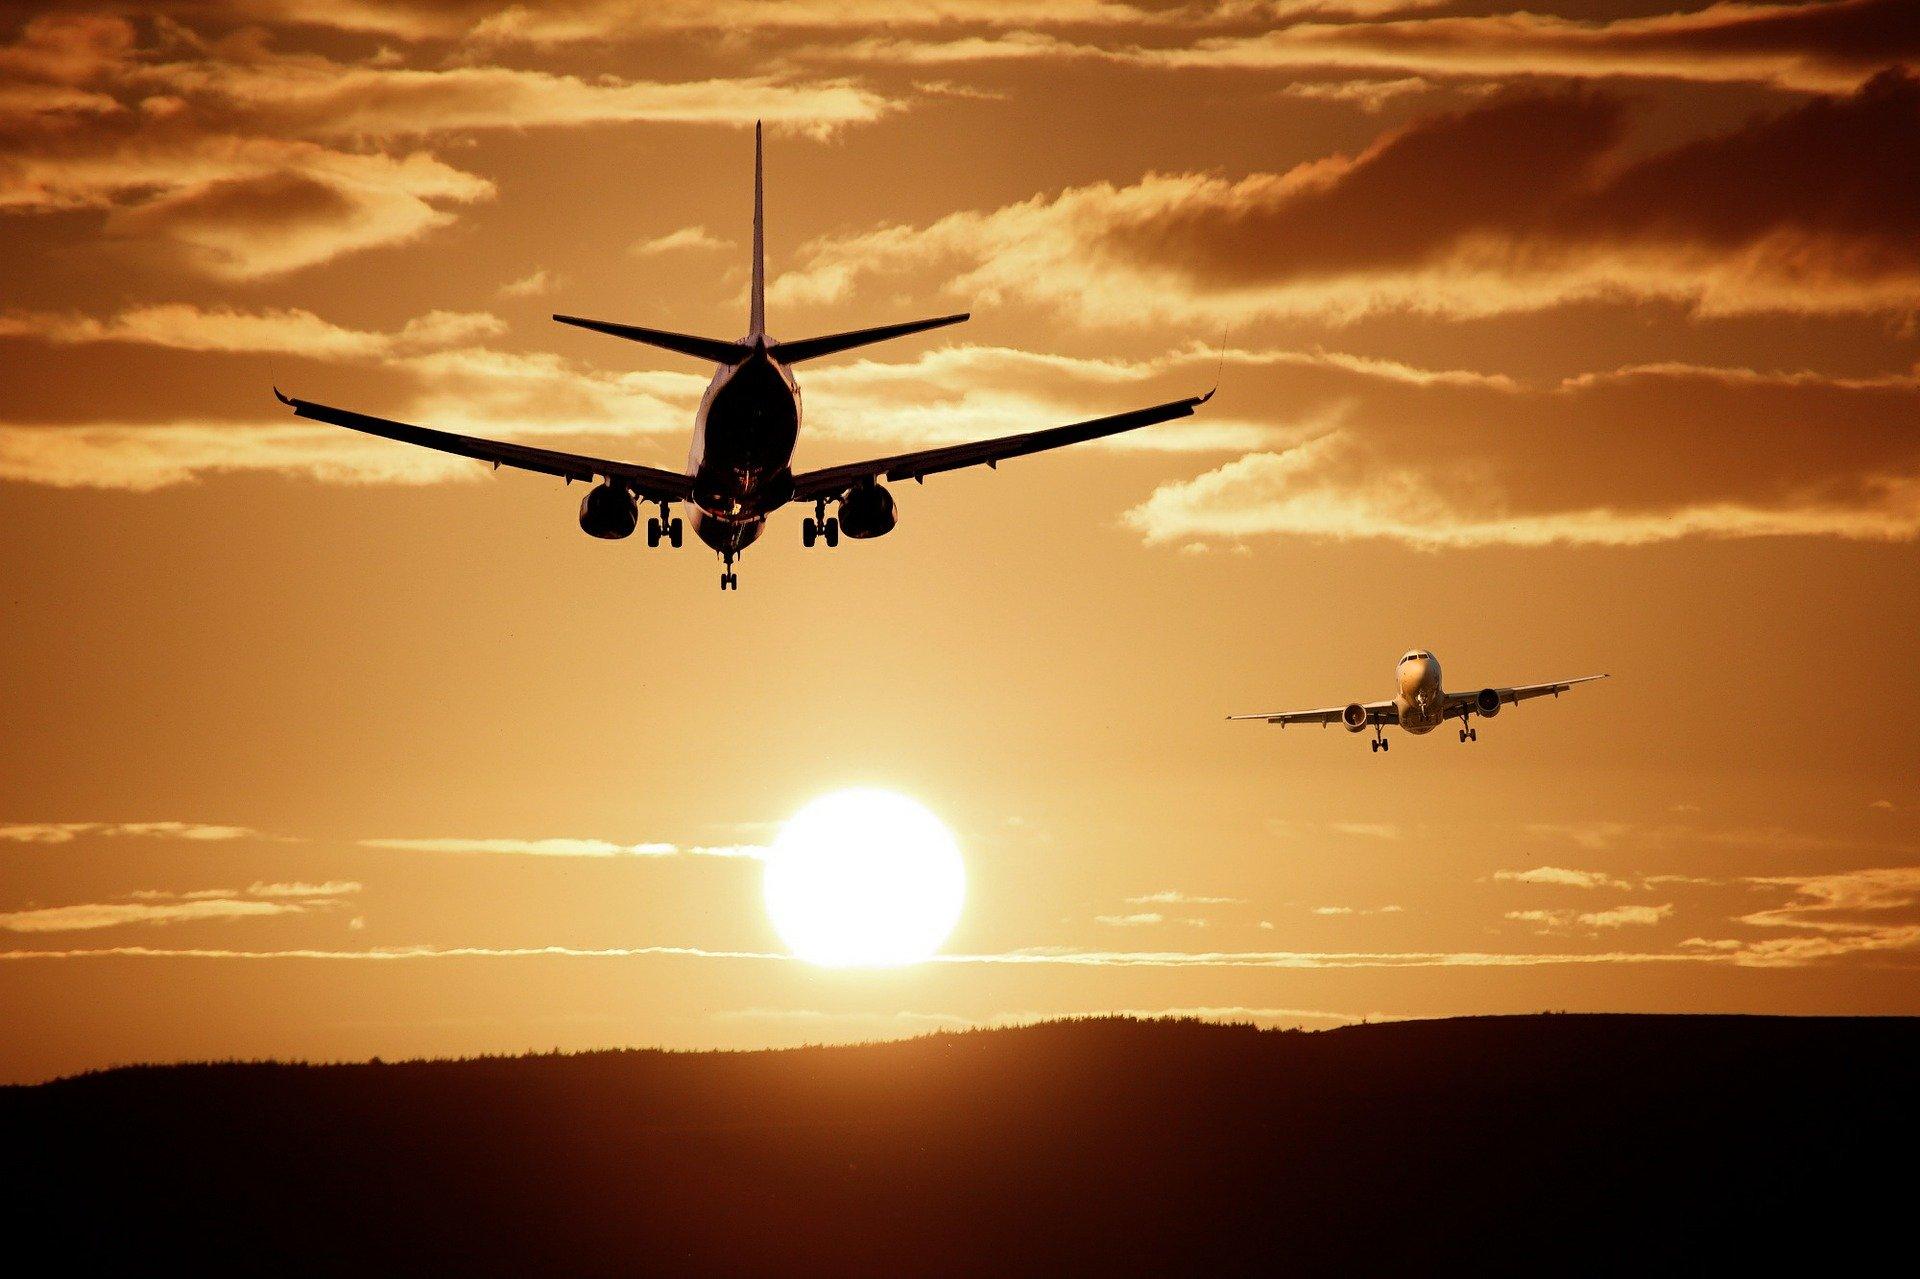 Megkezdődött a visszarendeződés – dinamikusan növekszik a hazai légi forgalom